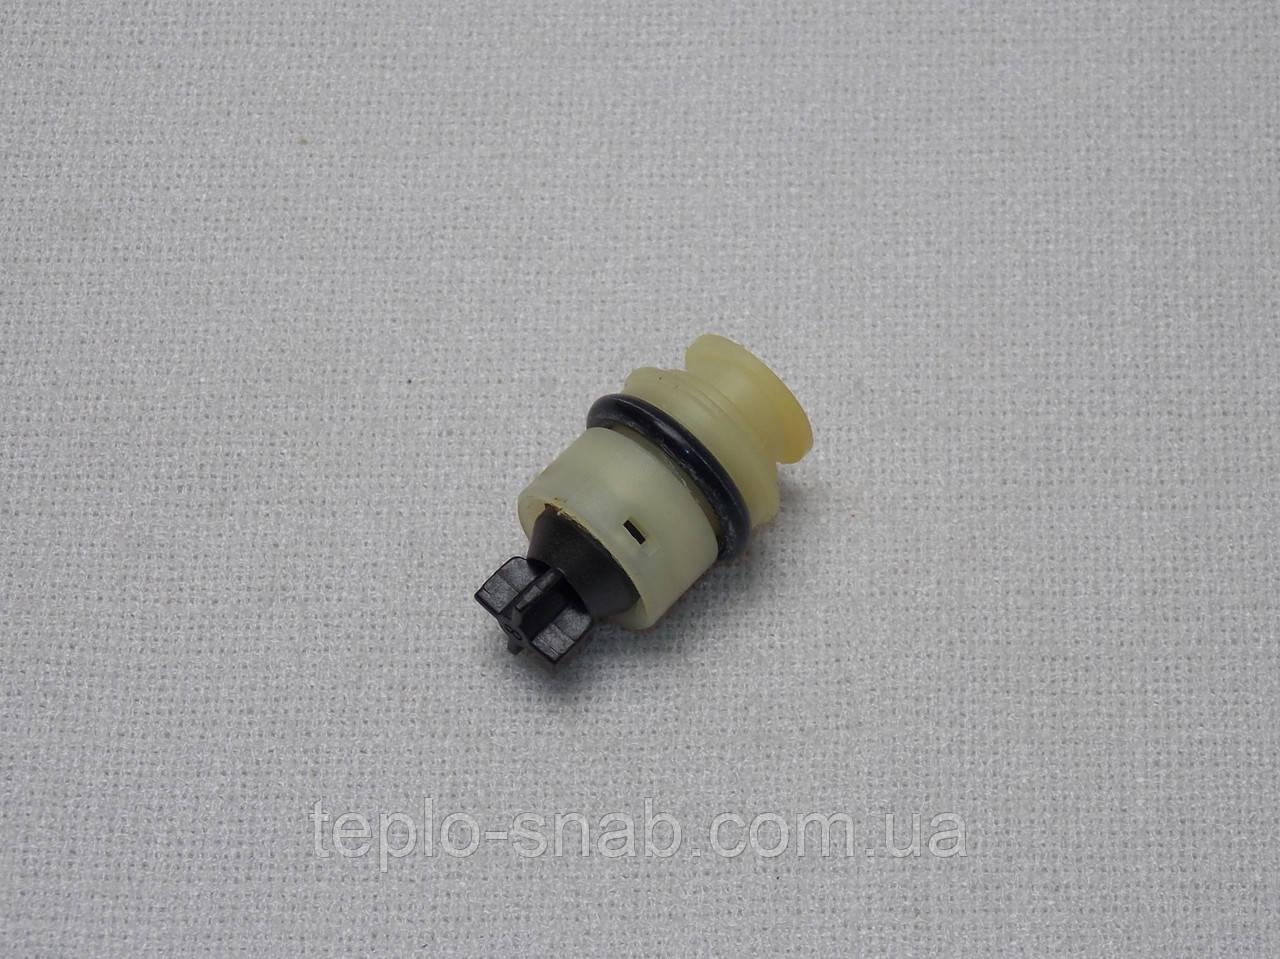 Регулятор водяний газового котла Junkers/Bosch WR10/13/15P/B/G. 8705705034